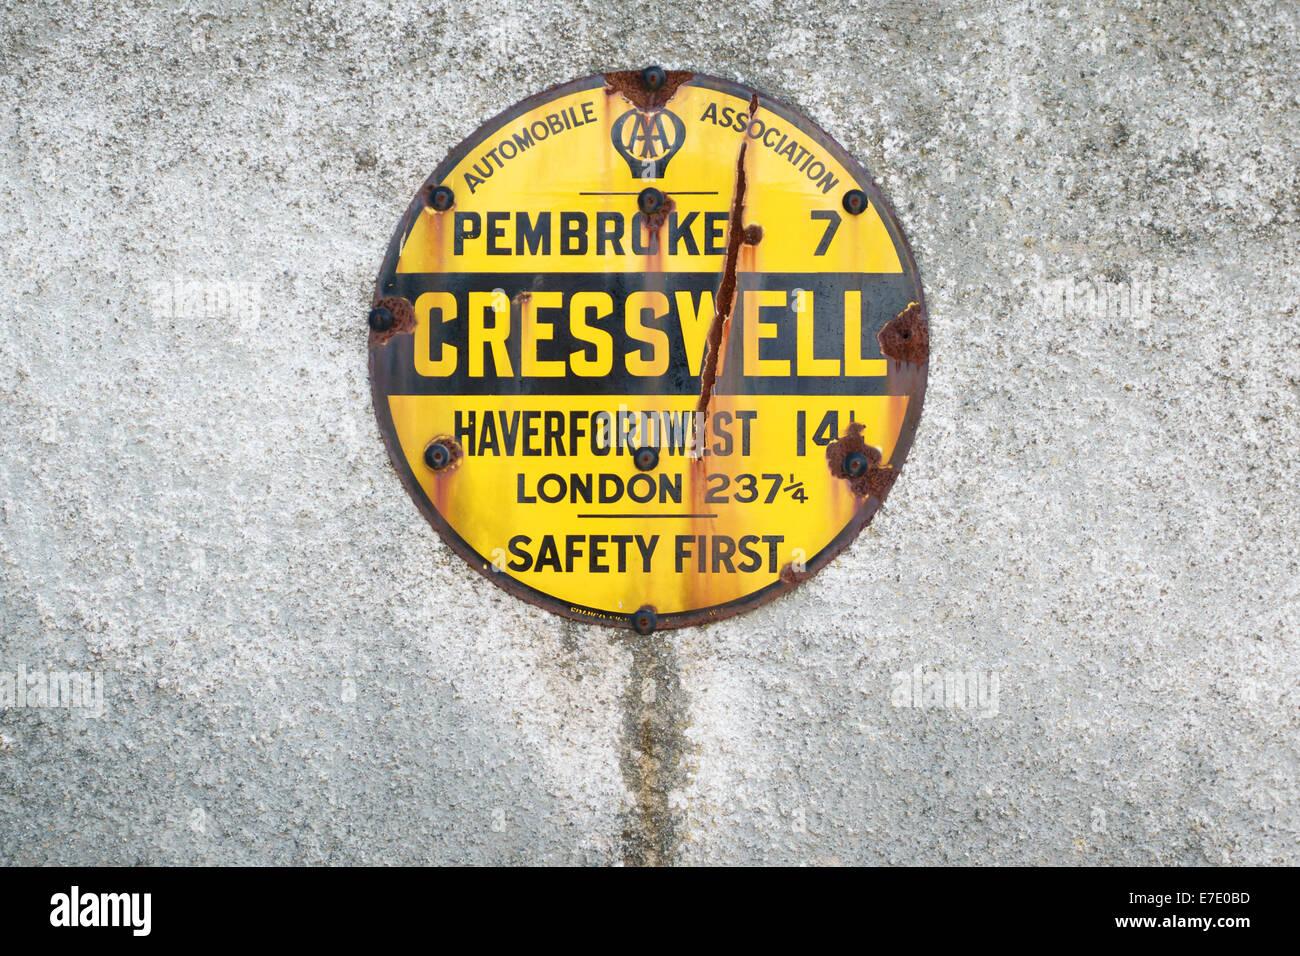 Un viejo AA (Automobile Association) signo amarillo al Cresswell Quay, Pembrokeshire (Gales, Reino Unido. Imagen De Stock